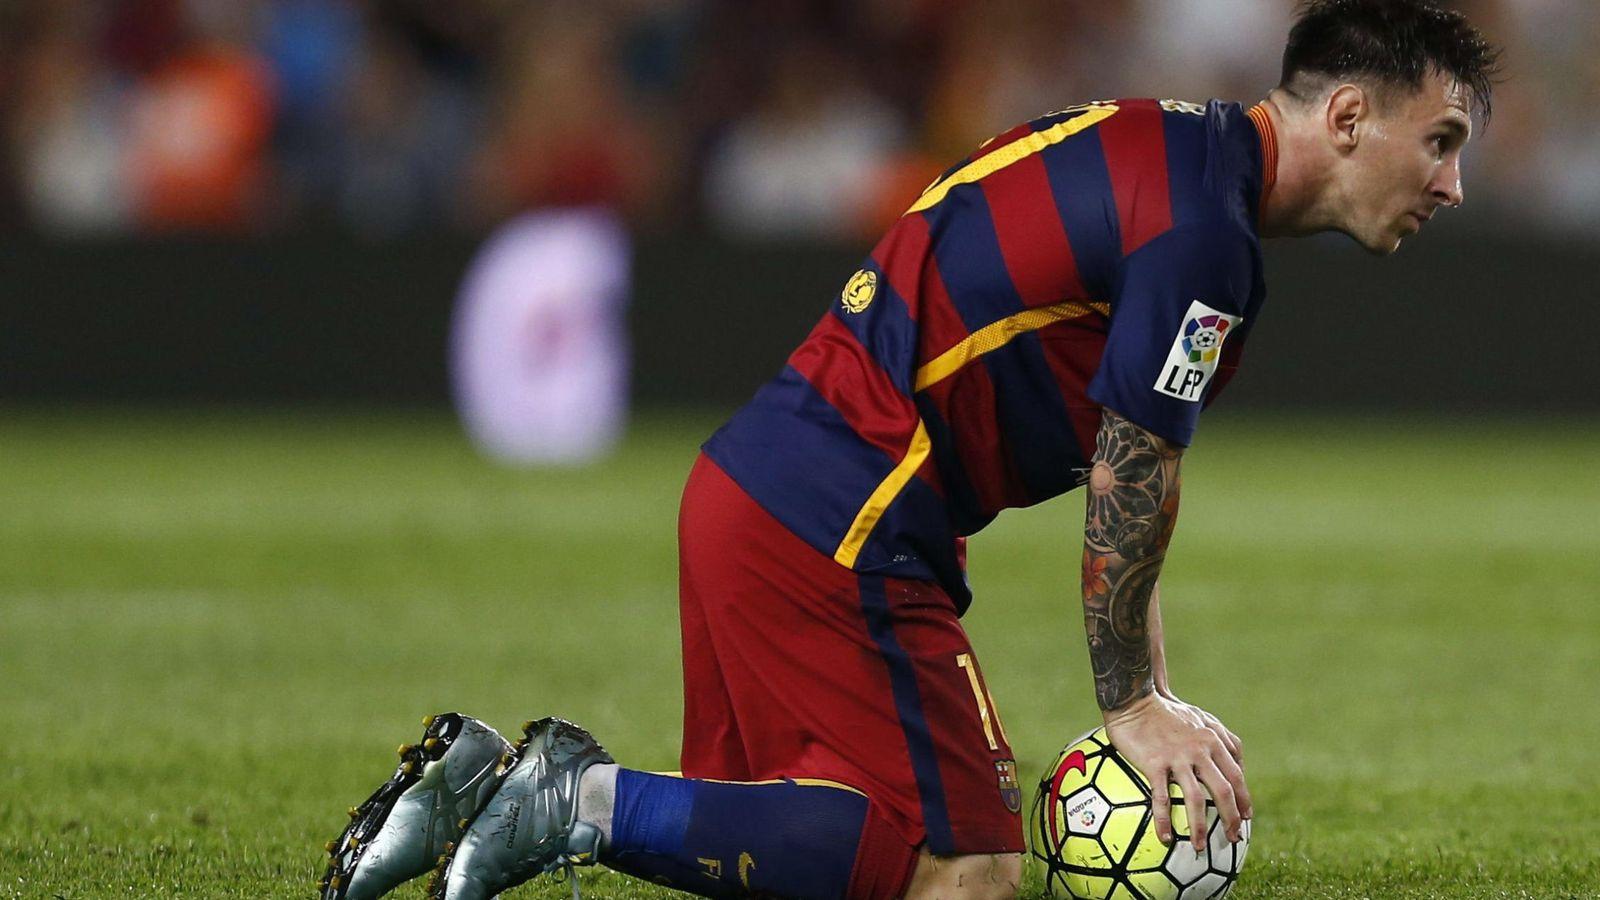 Foto: El delantero argentino del FC Barcelona Leo Messi durante un partido de Ligo. (Efe)